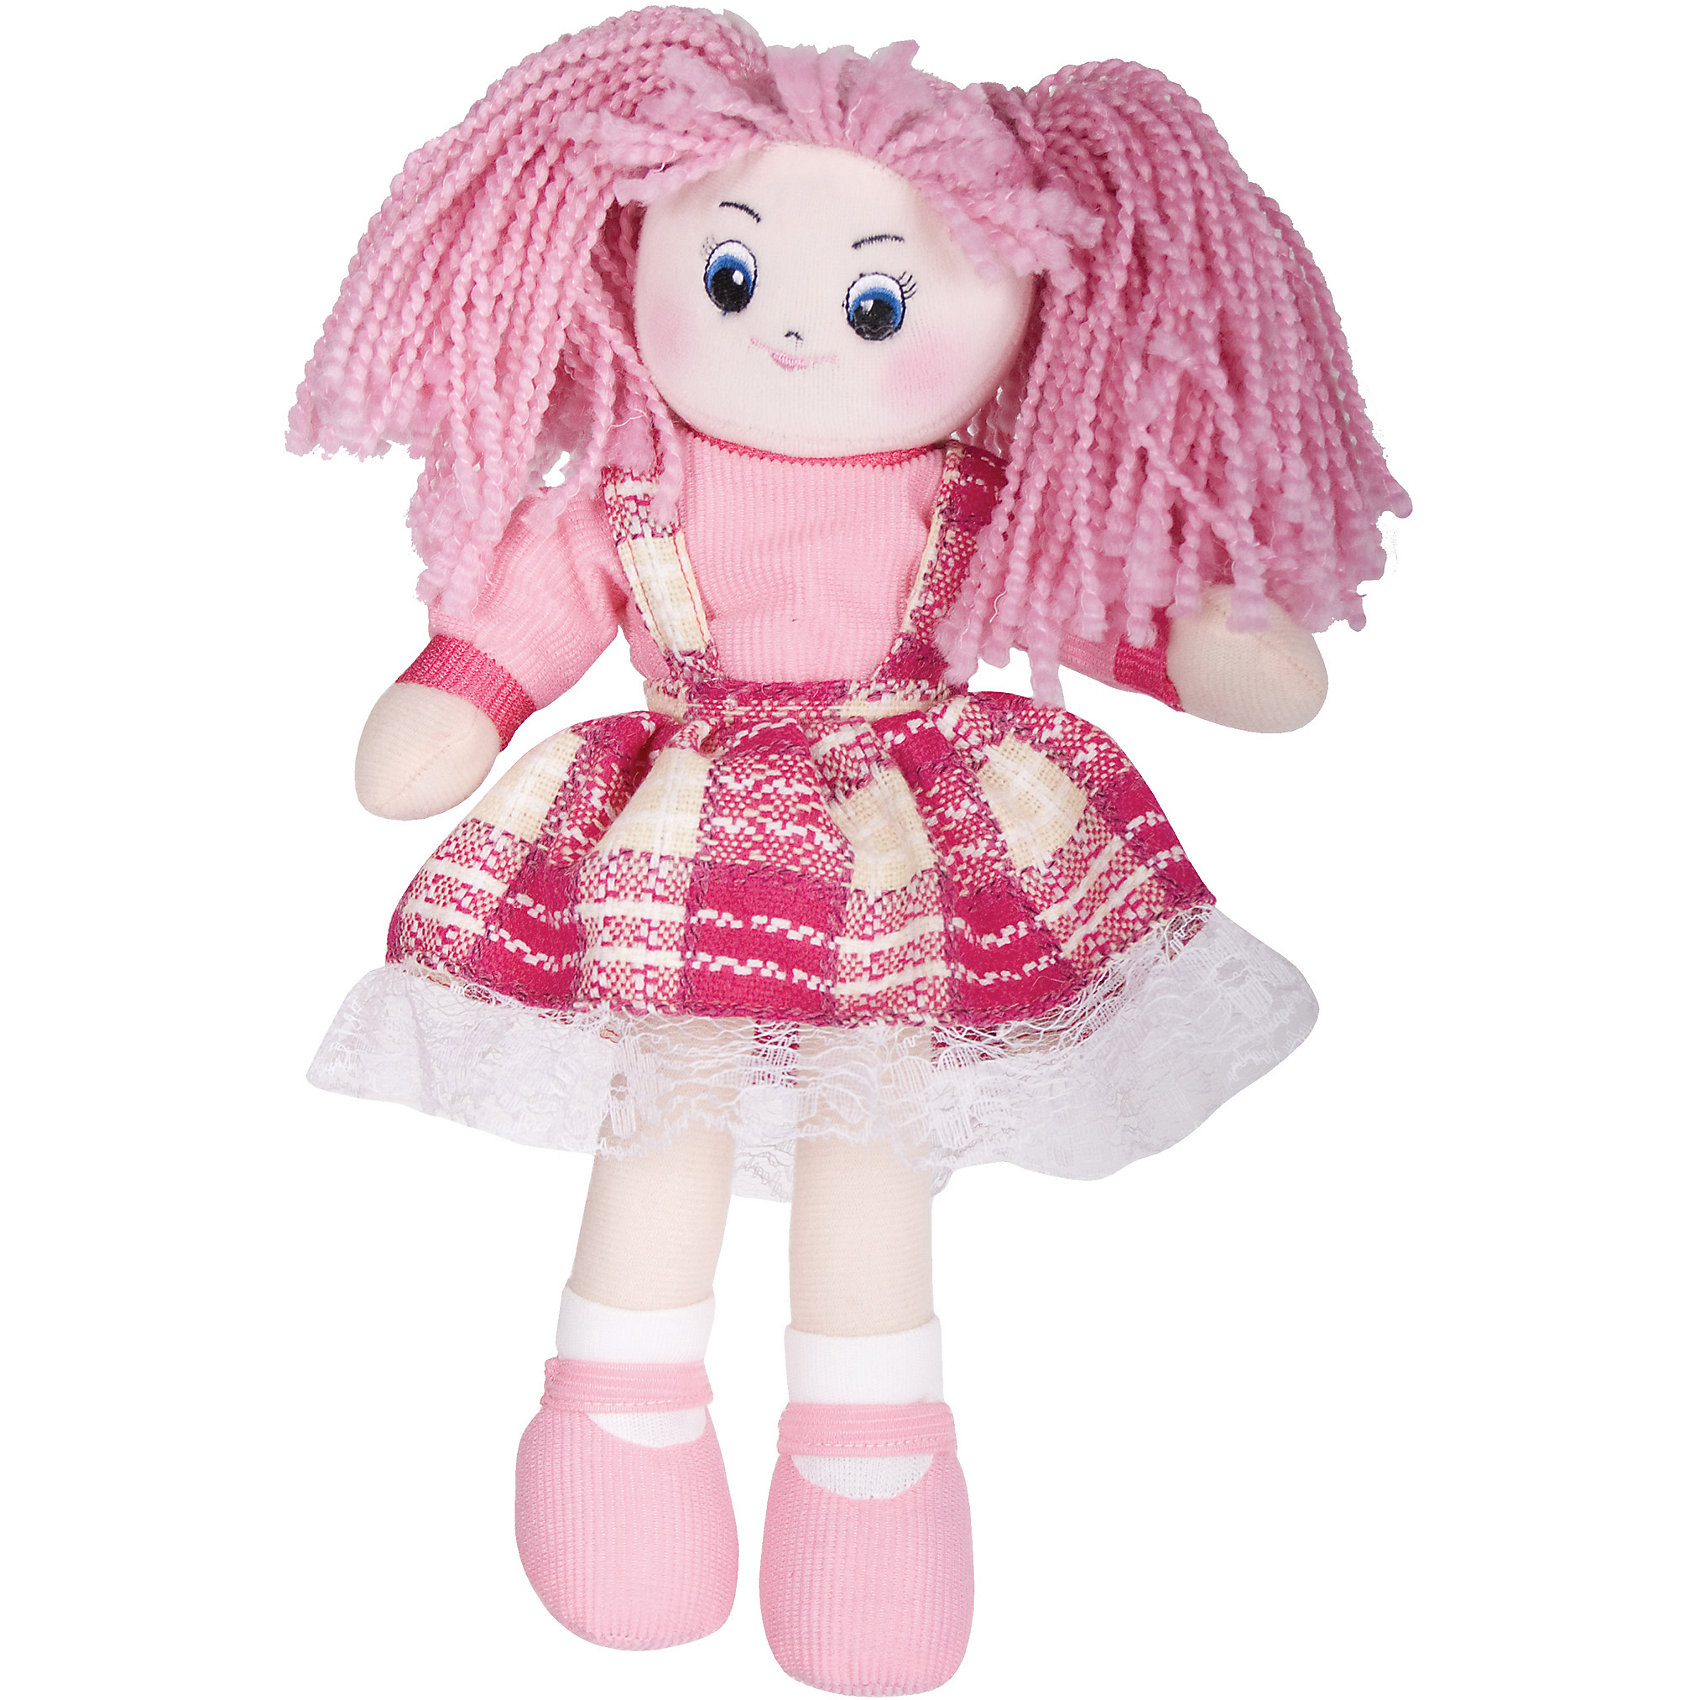 Кукла Клубничка, 30см, GulliverКукла Клубничка, 30см, Gulliver (Гулливер) в модном клетчатом платье с оборкой отличается мягкими ручками и ножками, полностью подвижными, поэтому куклу можно сажать на поверхность со спинкой, например, в игрушечную коляску. Вышитые нитками глаза, брови, нос и губы очень яркие на плюшевом, нежном лице. Кукла Клубничка достигает в высоту 30 сантиметров, поэтому ее комфортно брать с собой, носить на руках и играть в любом месте.<br><br>Дополнительная информация:<br>-Размер в упаковке: 30х10х7 см<br>-Вес в упаковке: 141 г<br>-Материалы: текстиль, синтепон<br>-Длина куклы: 30 см<br>-Развивает: воображение, тактильную чувствительность, речь, мелкую моторику<br><br>Яркая мягкая Кукла Клубничка, 30см, Gulliver (Гулливер) станет любимой игрушкой и подружкой любой малышке!<br><br>Кукла Клубничка, 30см, Gulliver (Гулливер) можно купить в нашем магазине.<br><br>Ширина мм: 300<br>Глубина мм: 102<br>Высота мм: 70<br>Вес г: 141<br>Возраст от месяцев: 36<br>Возраст до месяцев: 84<br>Пол: Женский<br>Возраст: Детский<br>SKU: 4288937